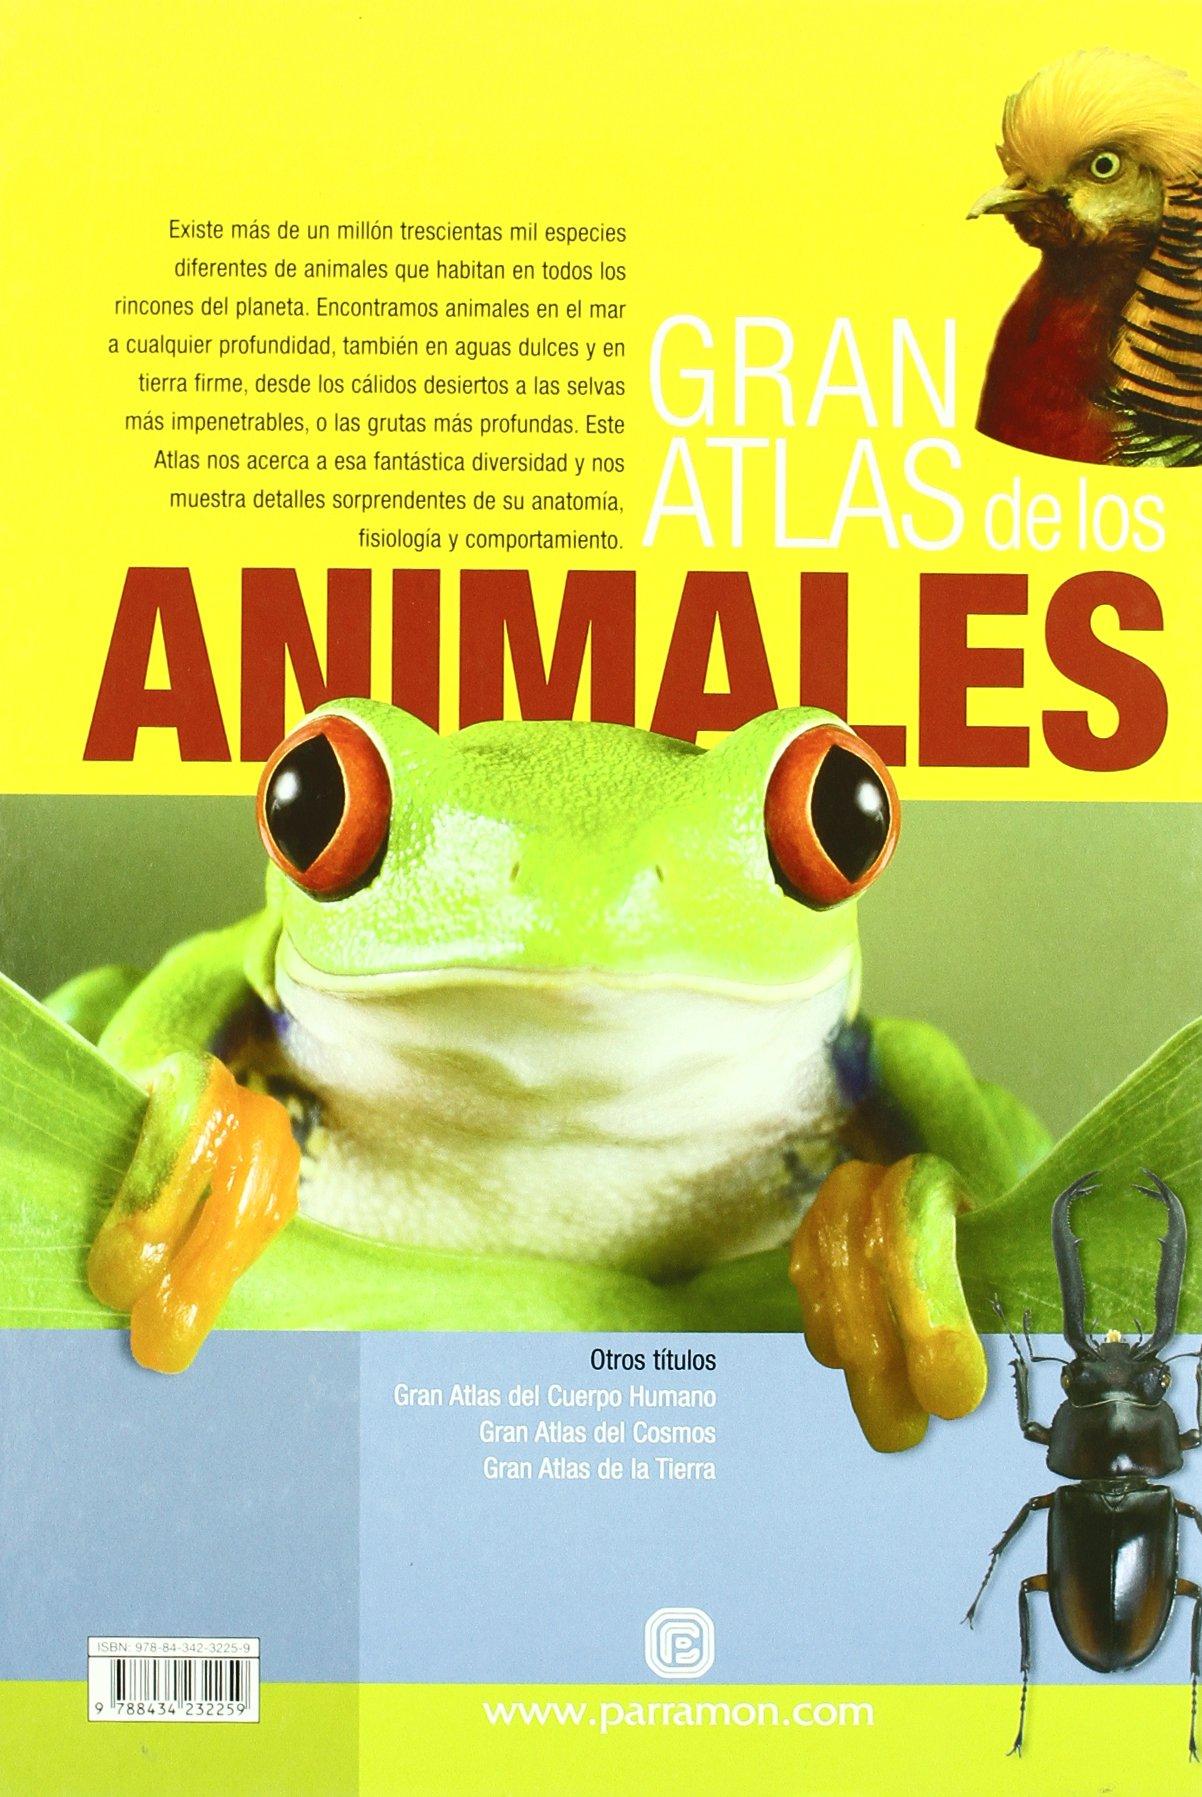 GRAN ATLAS DE LOS ANIMALES (Grandes atlas): Amazon.es: Gustavo ...